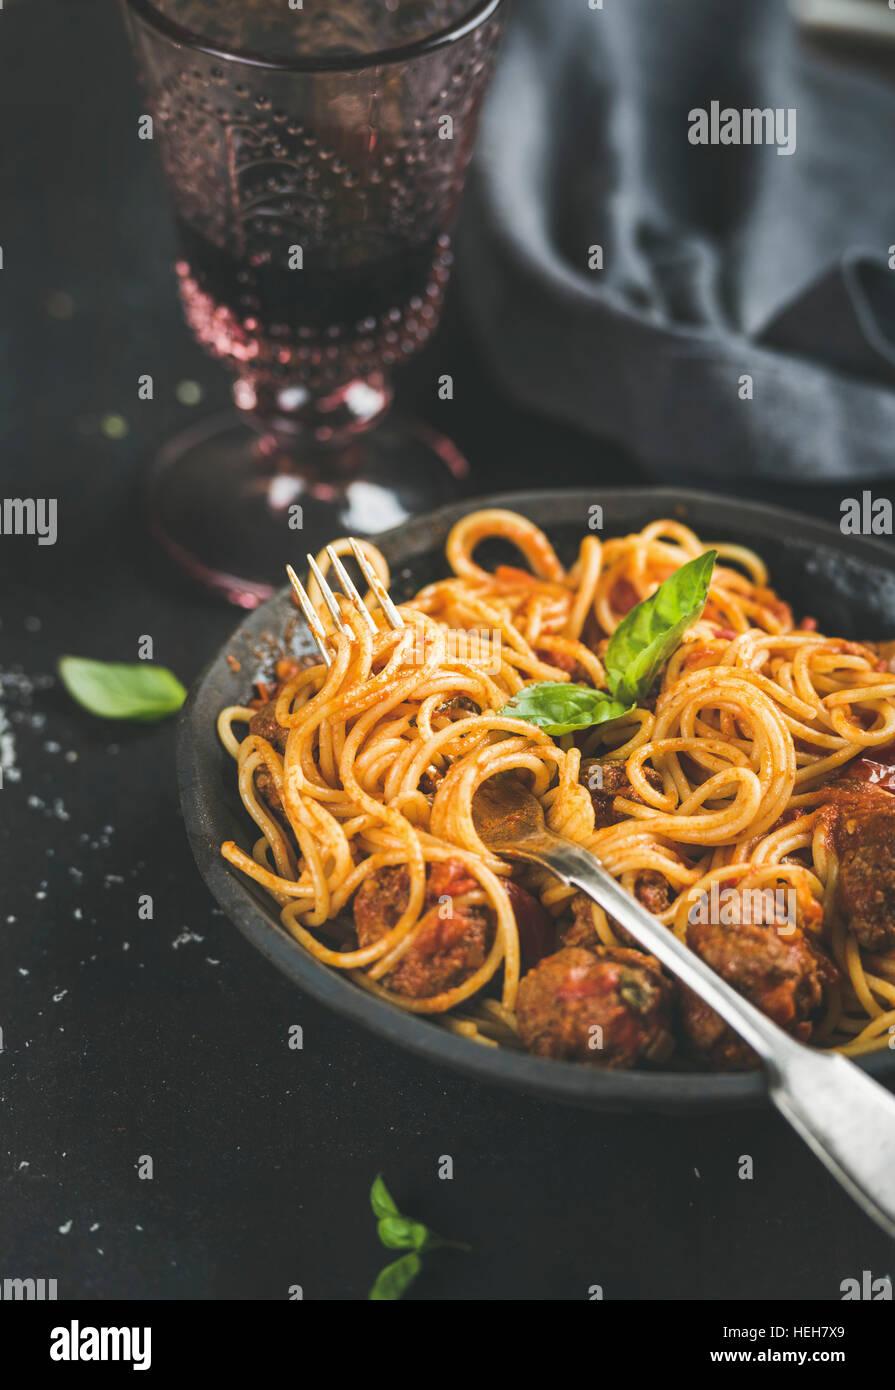 Dîner de pâtes italiennes. Spaghetti avec meatballas, feuilles de basilic frais dans la plaque sombre Photo Stock